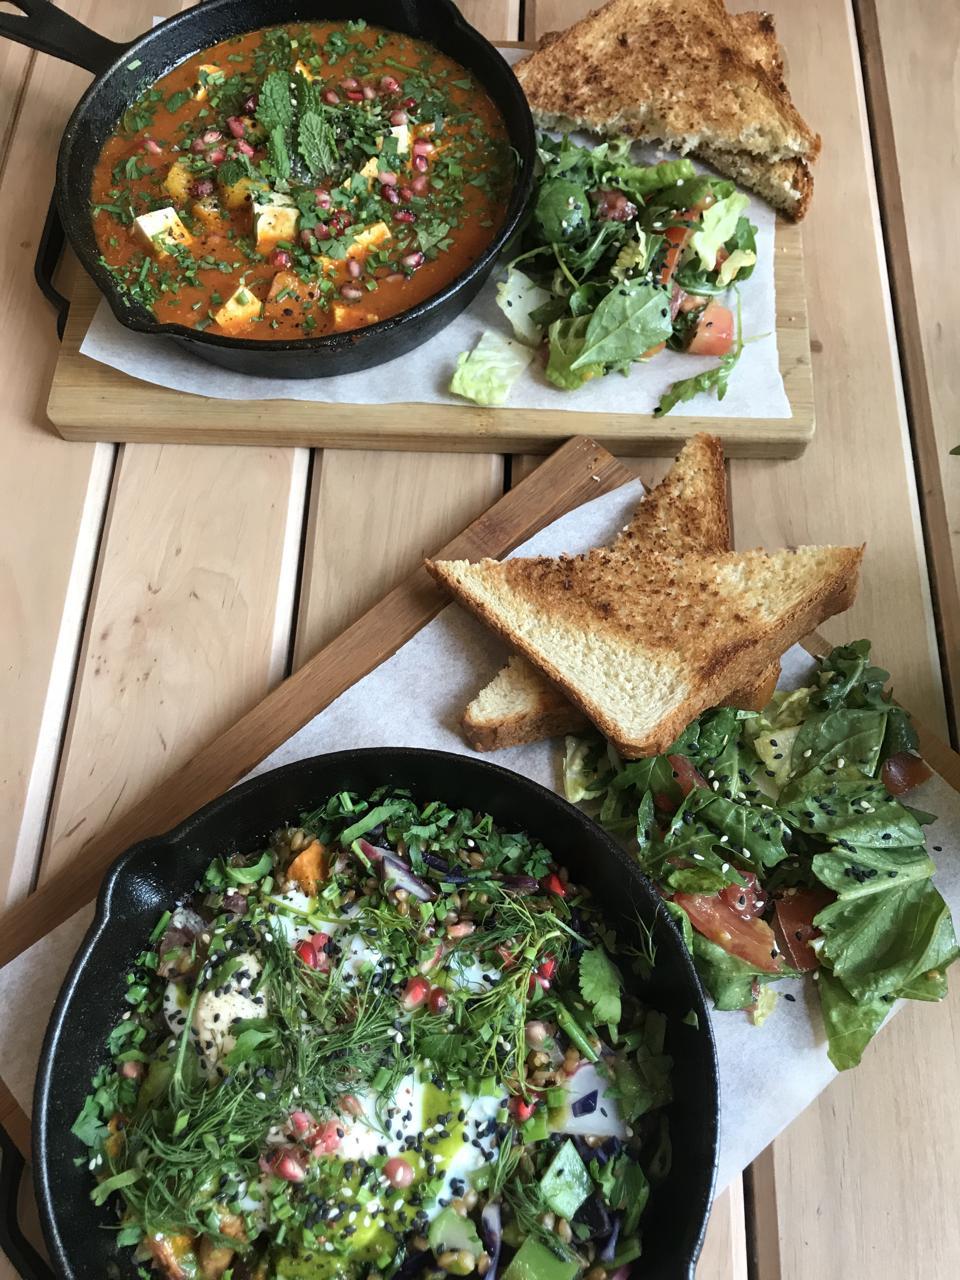 Laka Happy Bar restaurant in Gdansk Poland serves shakshuka, vegetable hash for breakfast